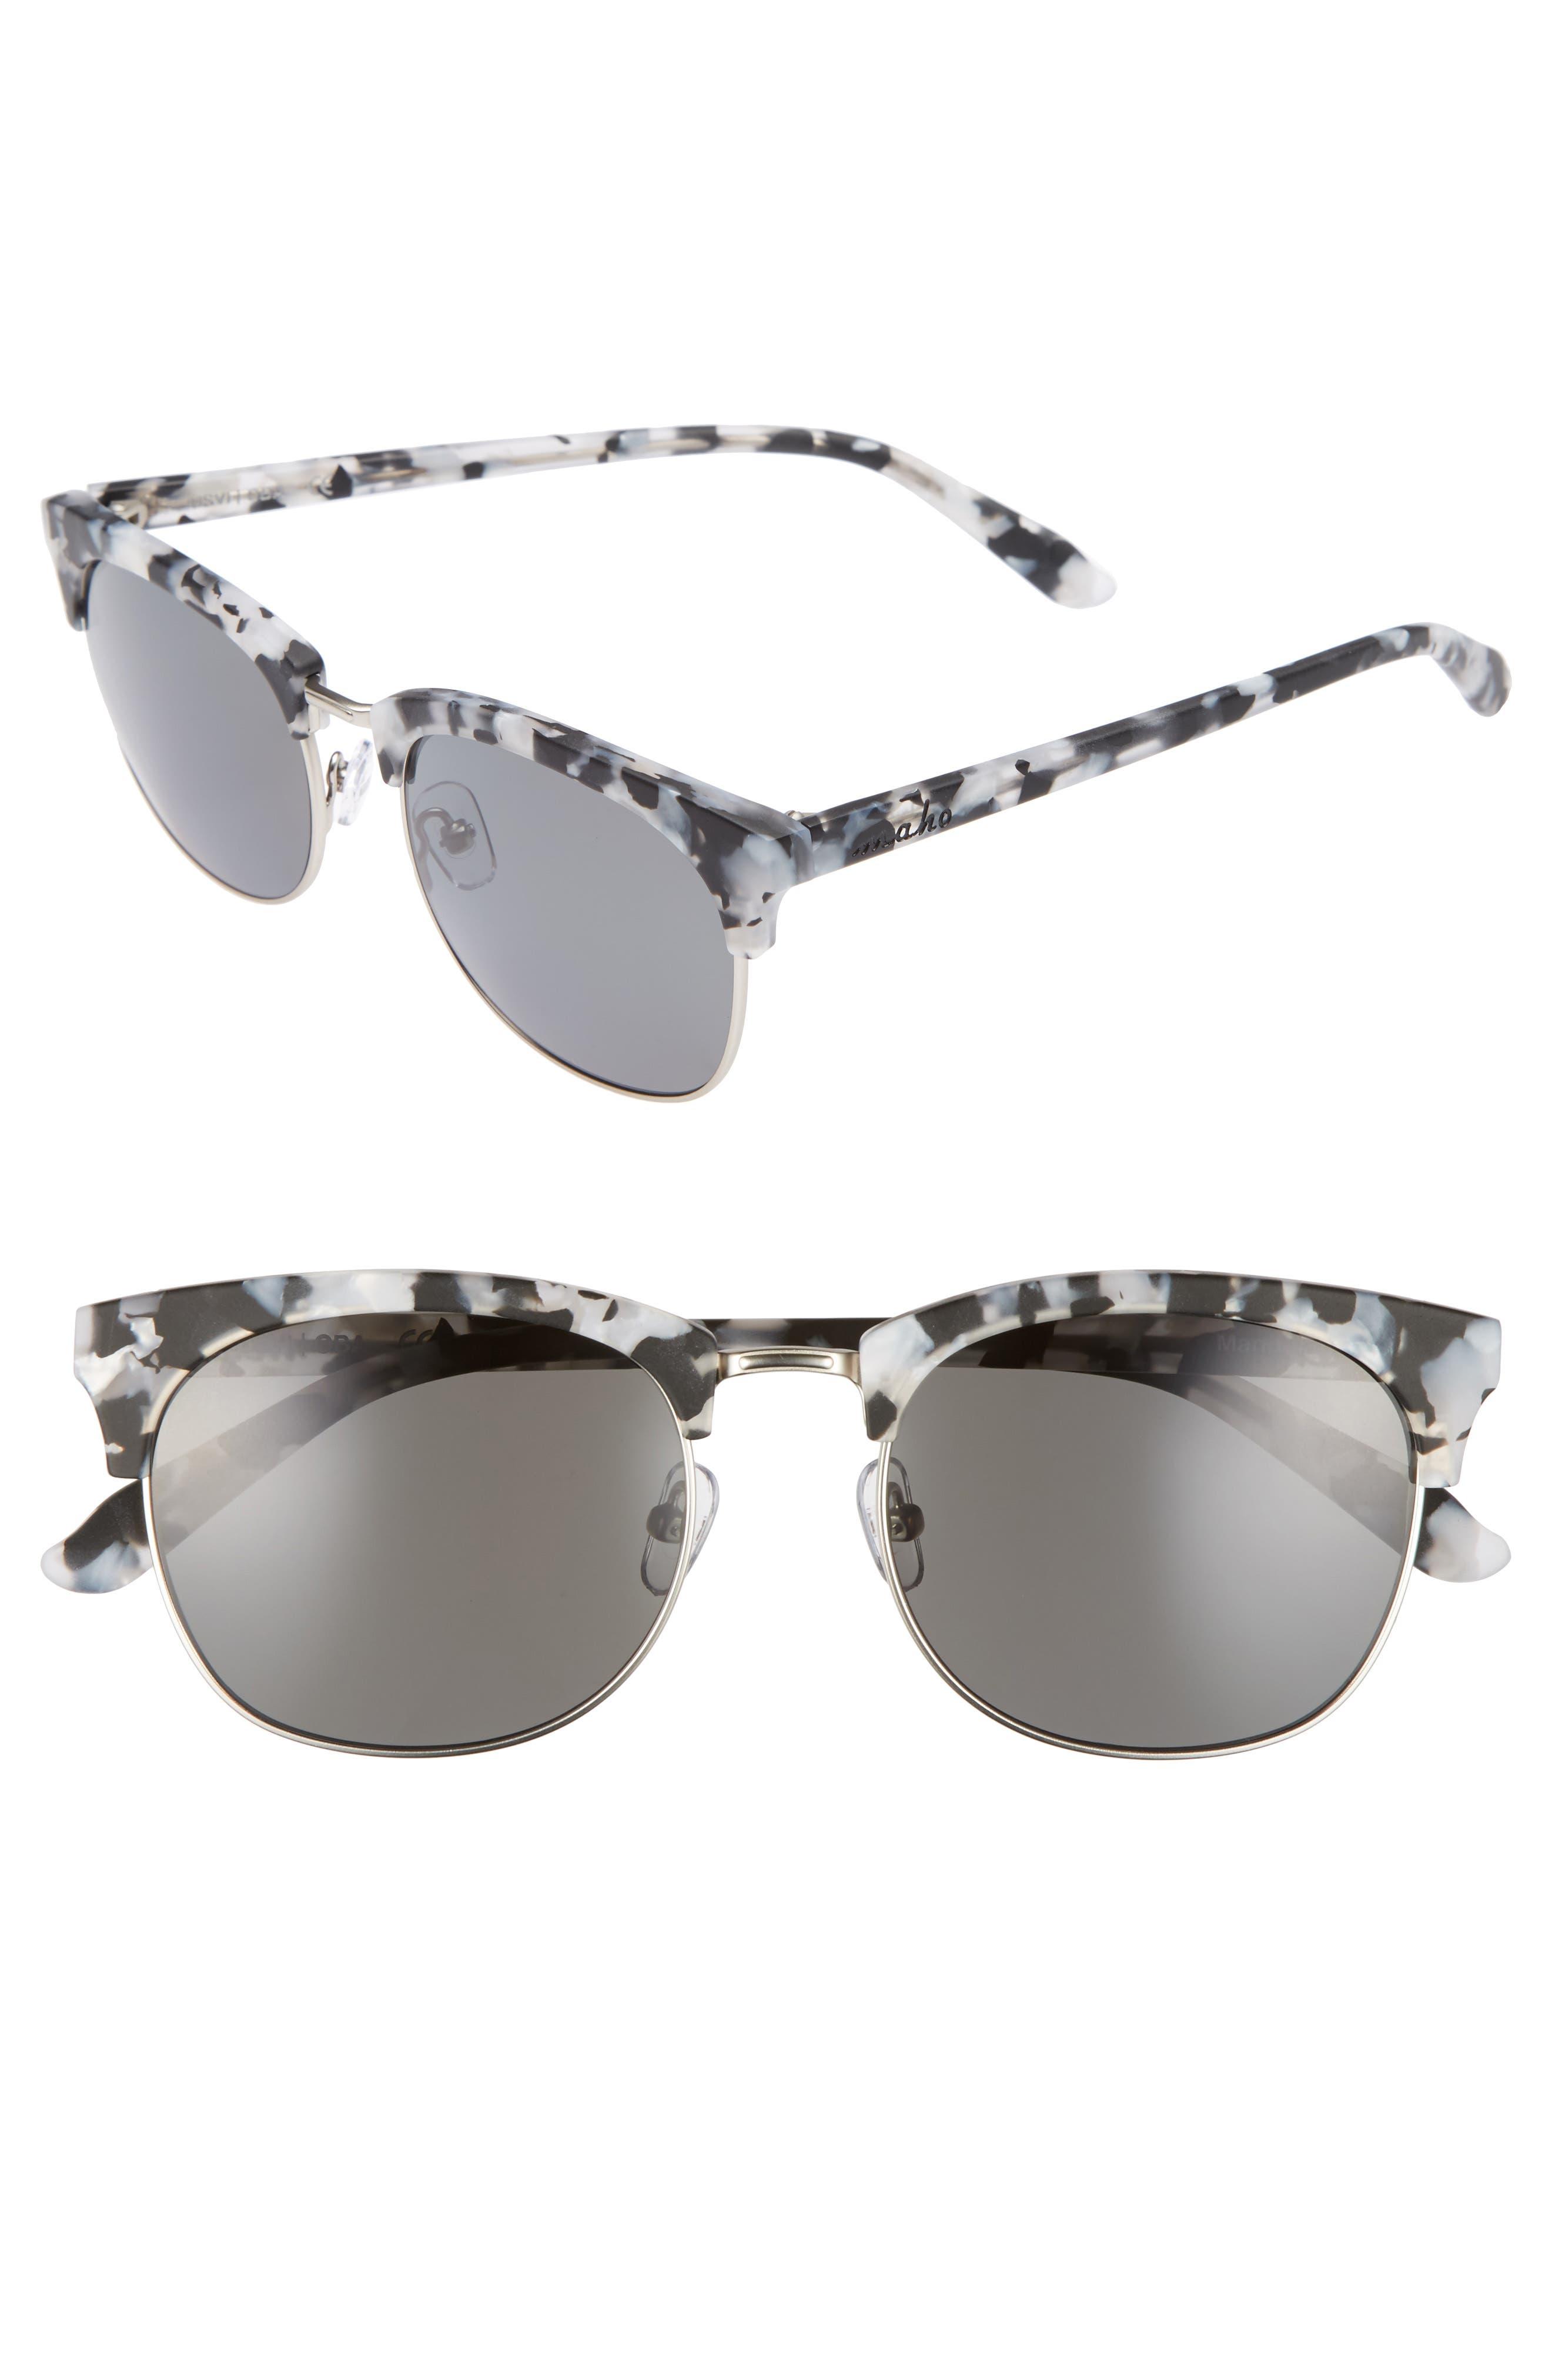 Main Image - Maho Mandalay 52mm Polarized Sunglasses